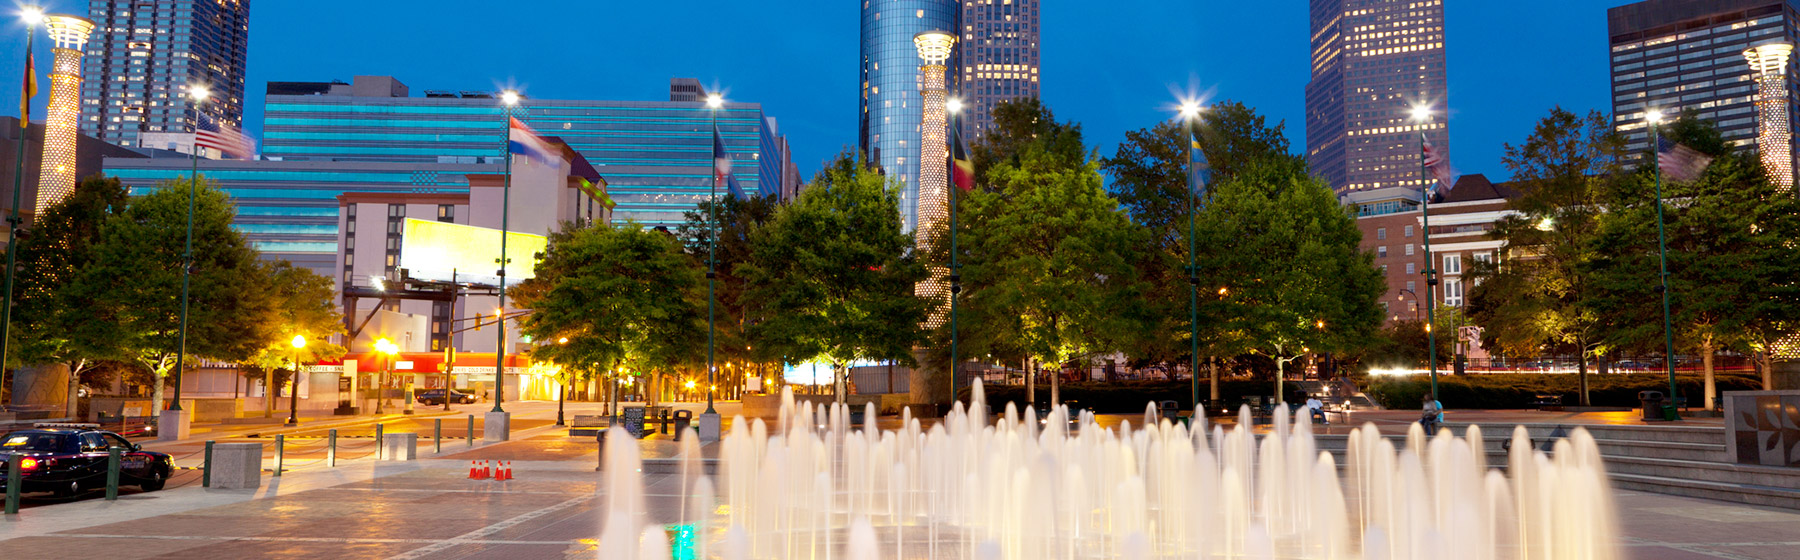 Hotel Packages in Atlanta